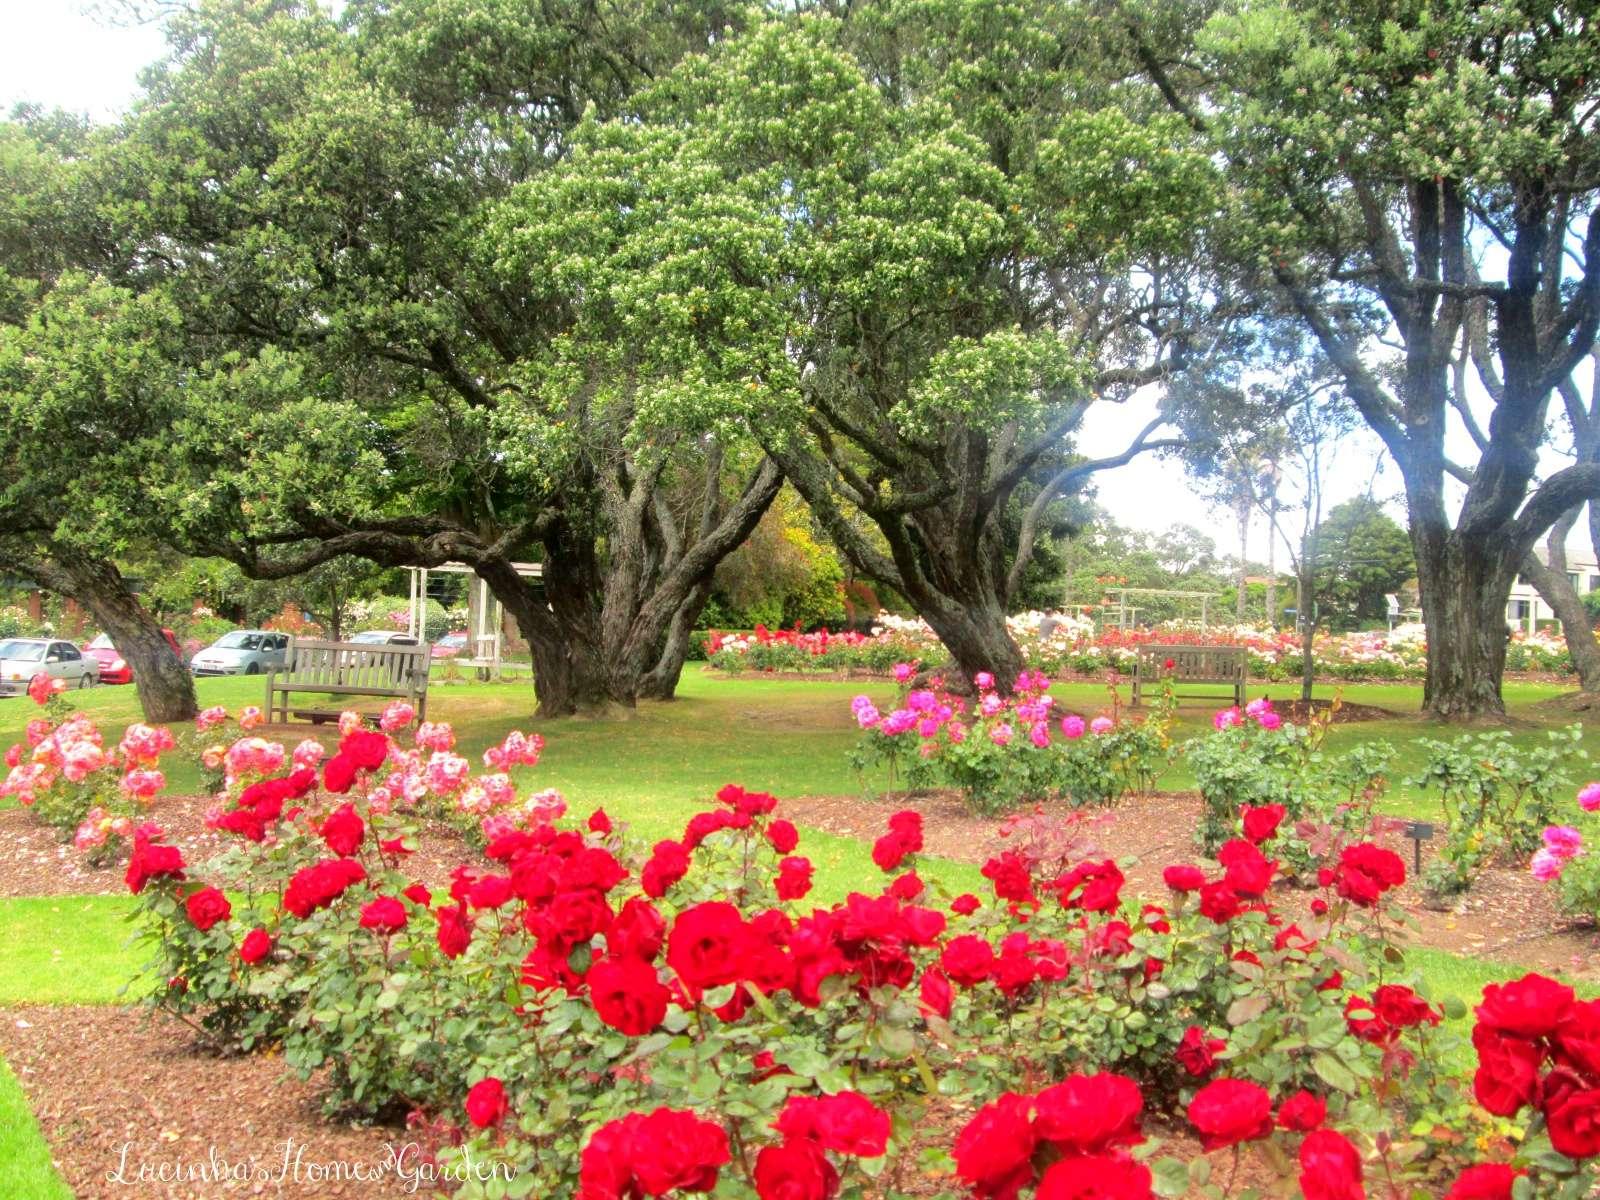 rosas no jardim de deus : rosas no jardim de deus:Convido você a passear comigo num jardim somente de rosas. Se estiver